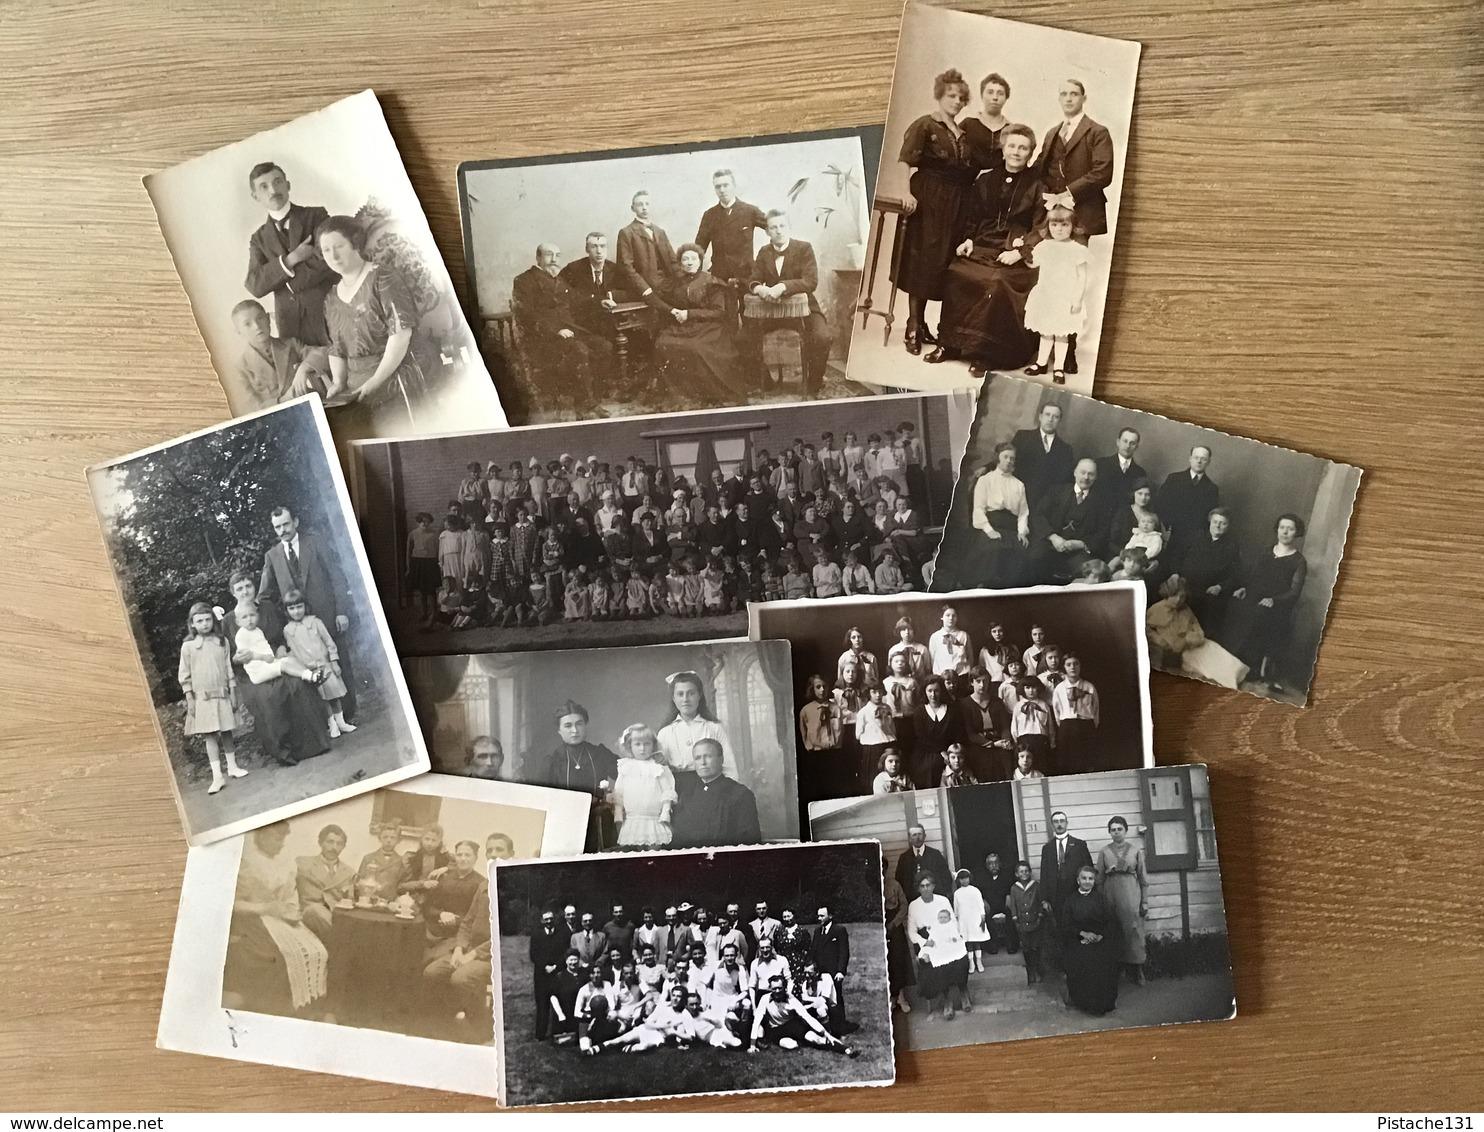 GROOT LOT OUDE FOTO'S - Zie 13 Scans ! - 142 FOTO'S - KINDEREN - FAMILIES - HUWELIJK - COMMUNIE - MILITAIREN Enz - Personnes Anonymes